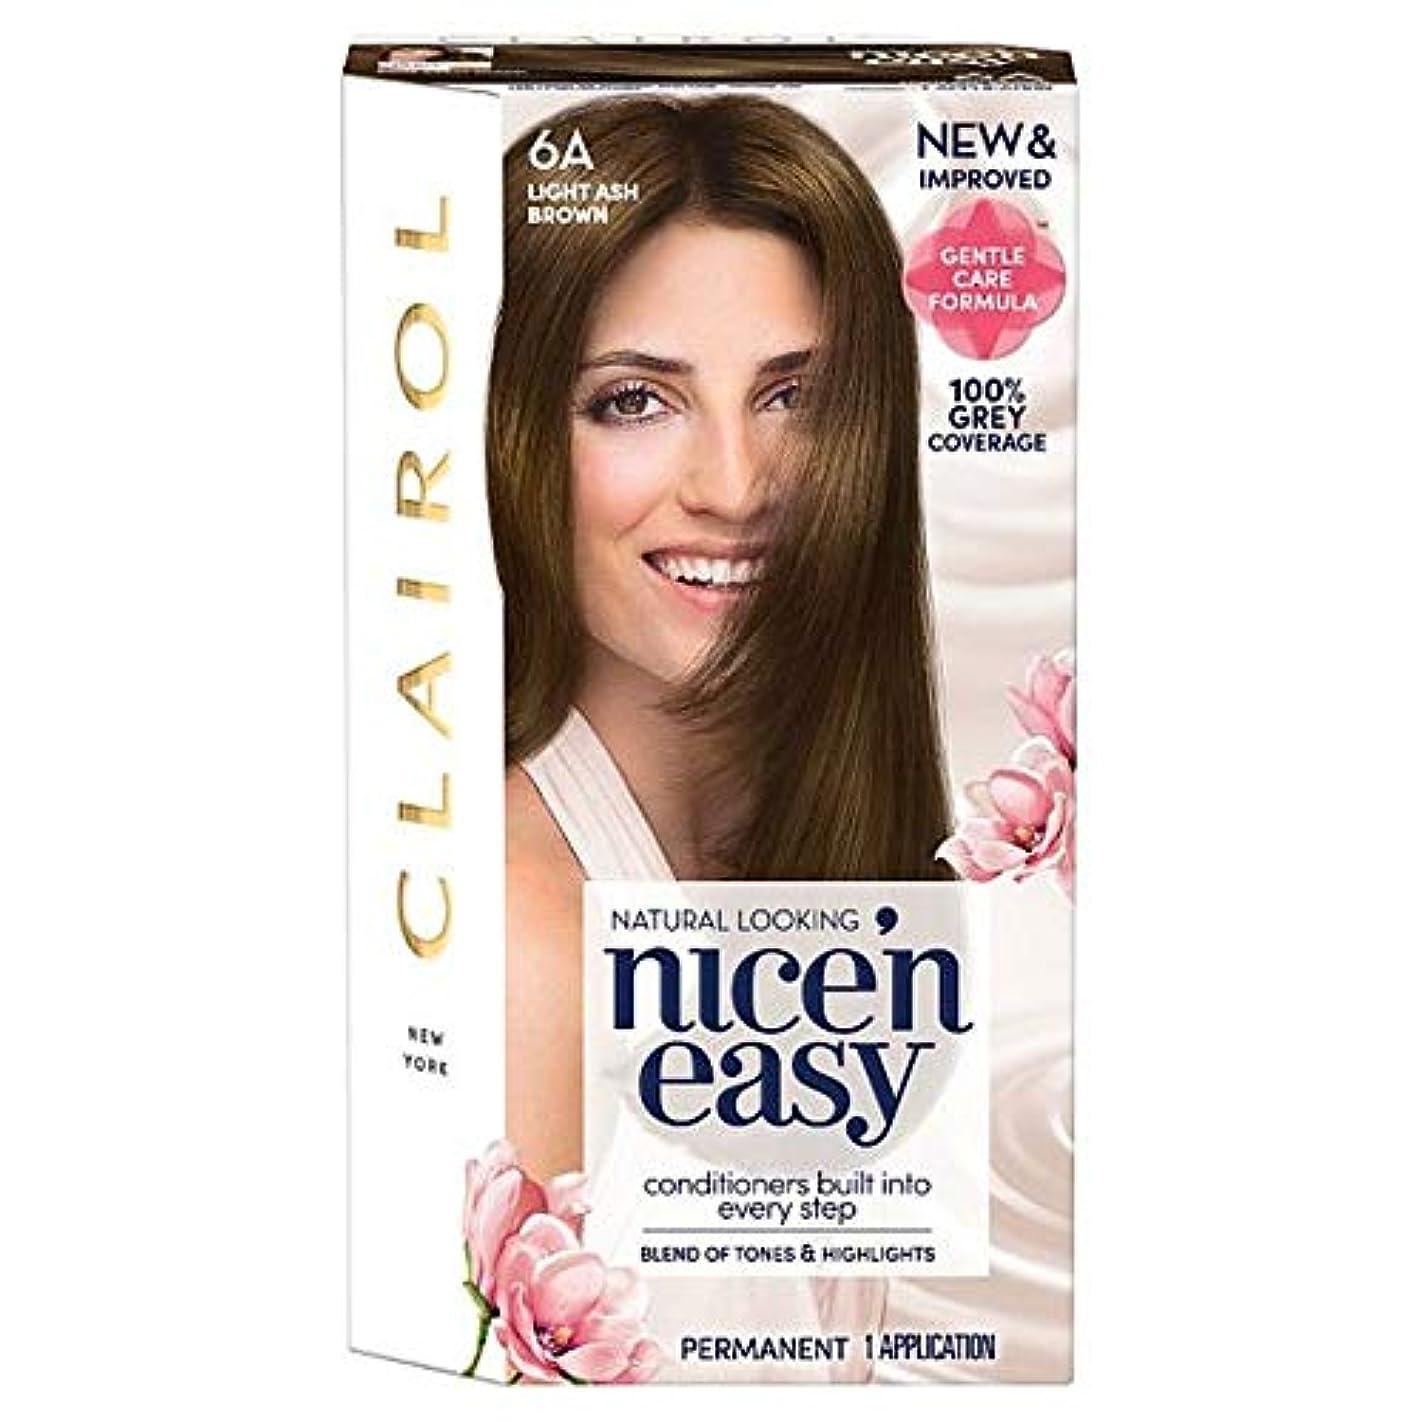 知覚的ポルティコシェア[Nice'n Easy] クレイロール素敵な「N簡単軽灰褐色6Aの染毛剤 - Clairol Nice 'N Easy Light Ash Brown 6A Hair Dye [並行輸入品]